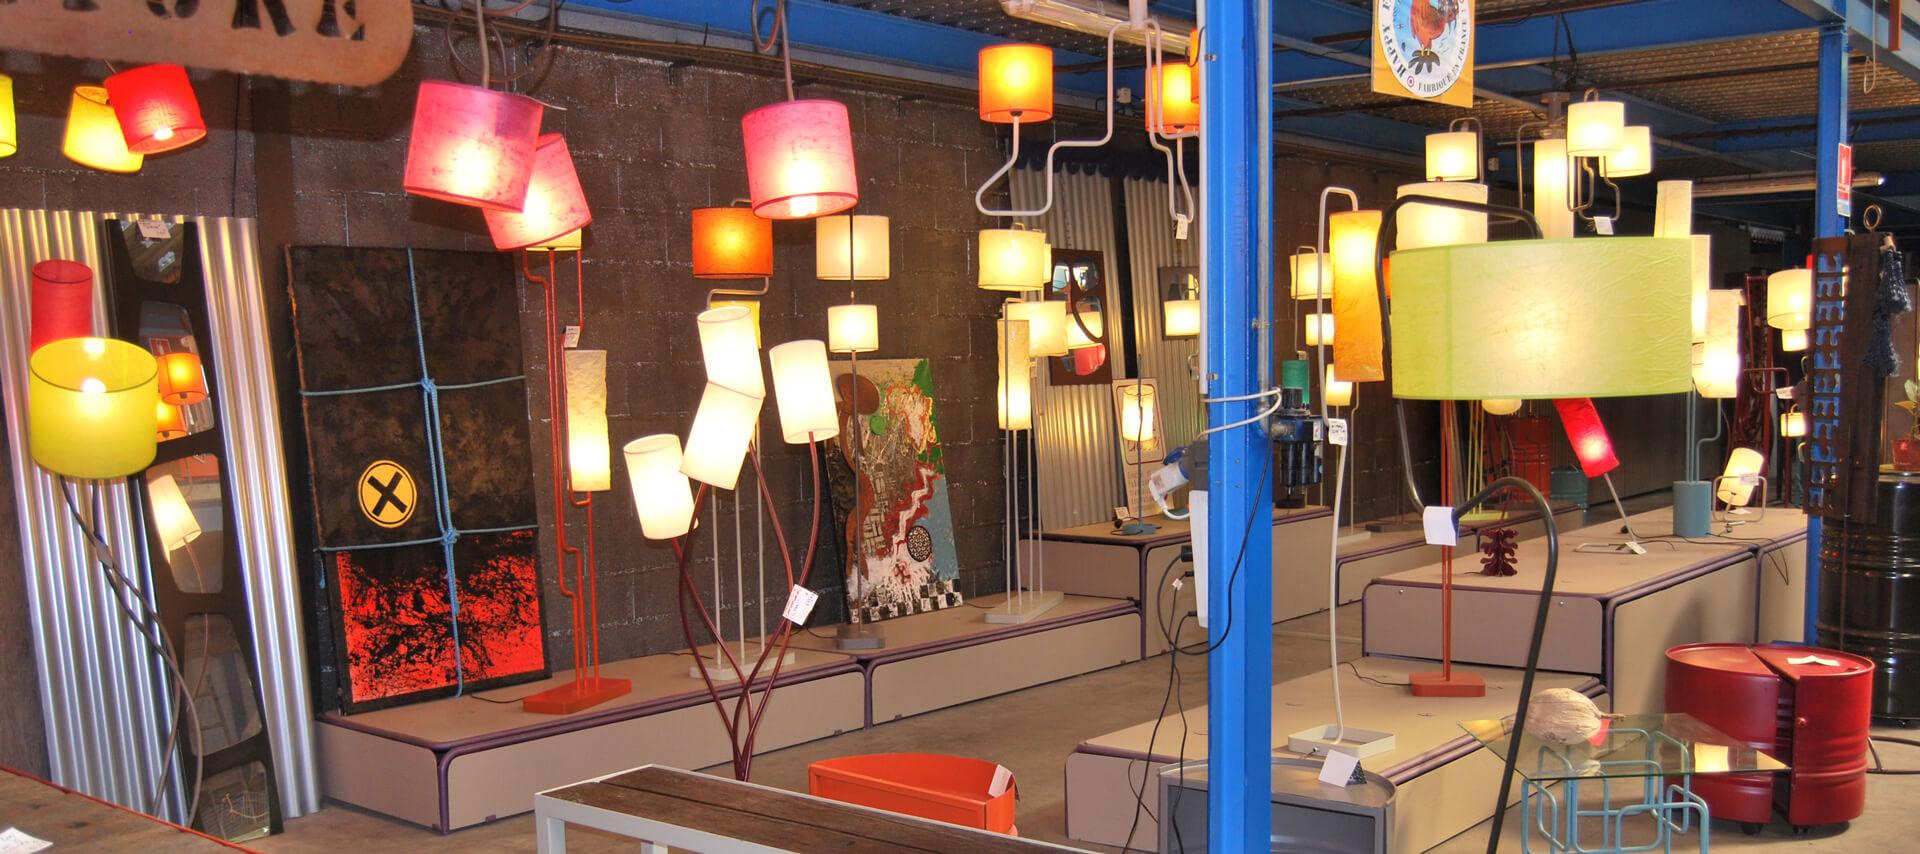 Pescatore luminaires et mobilier design